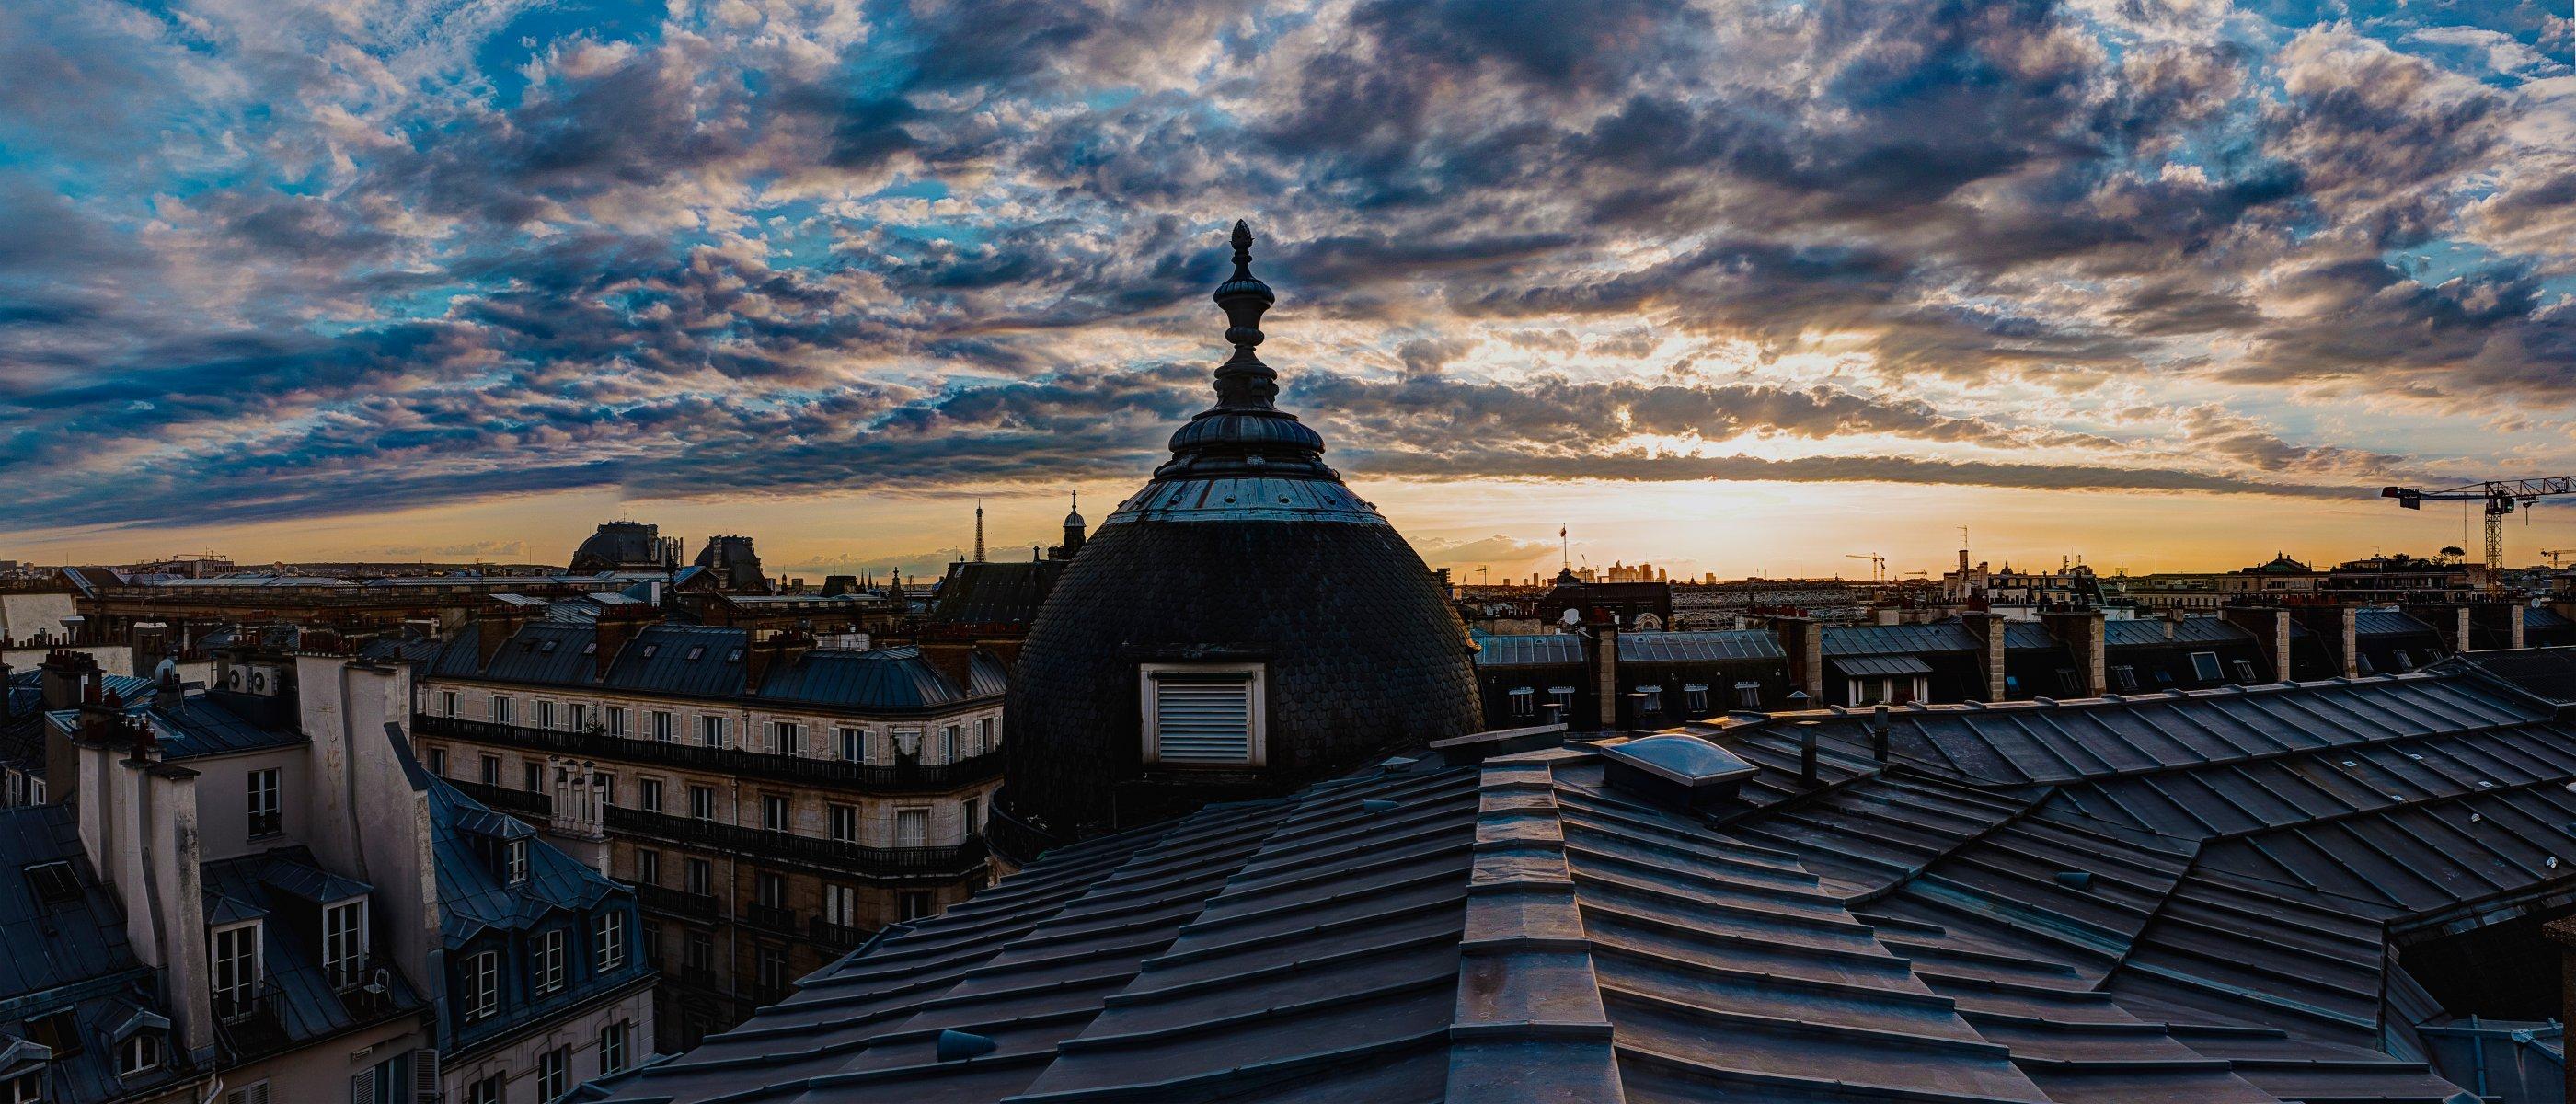 Обои дома, крыша, Город. Города foto 18